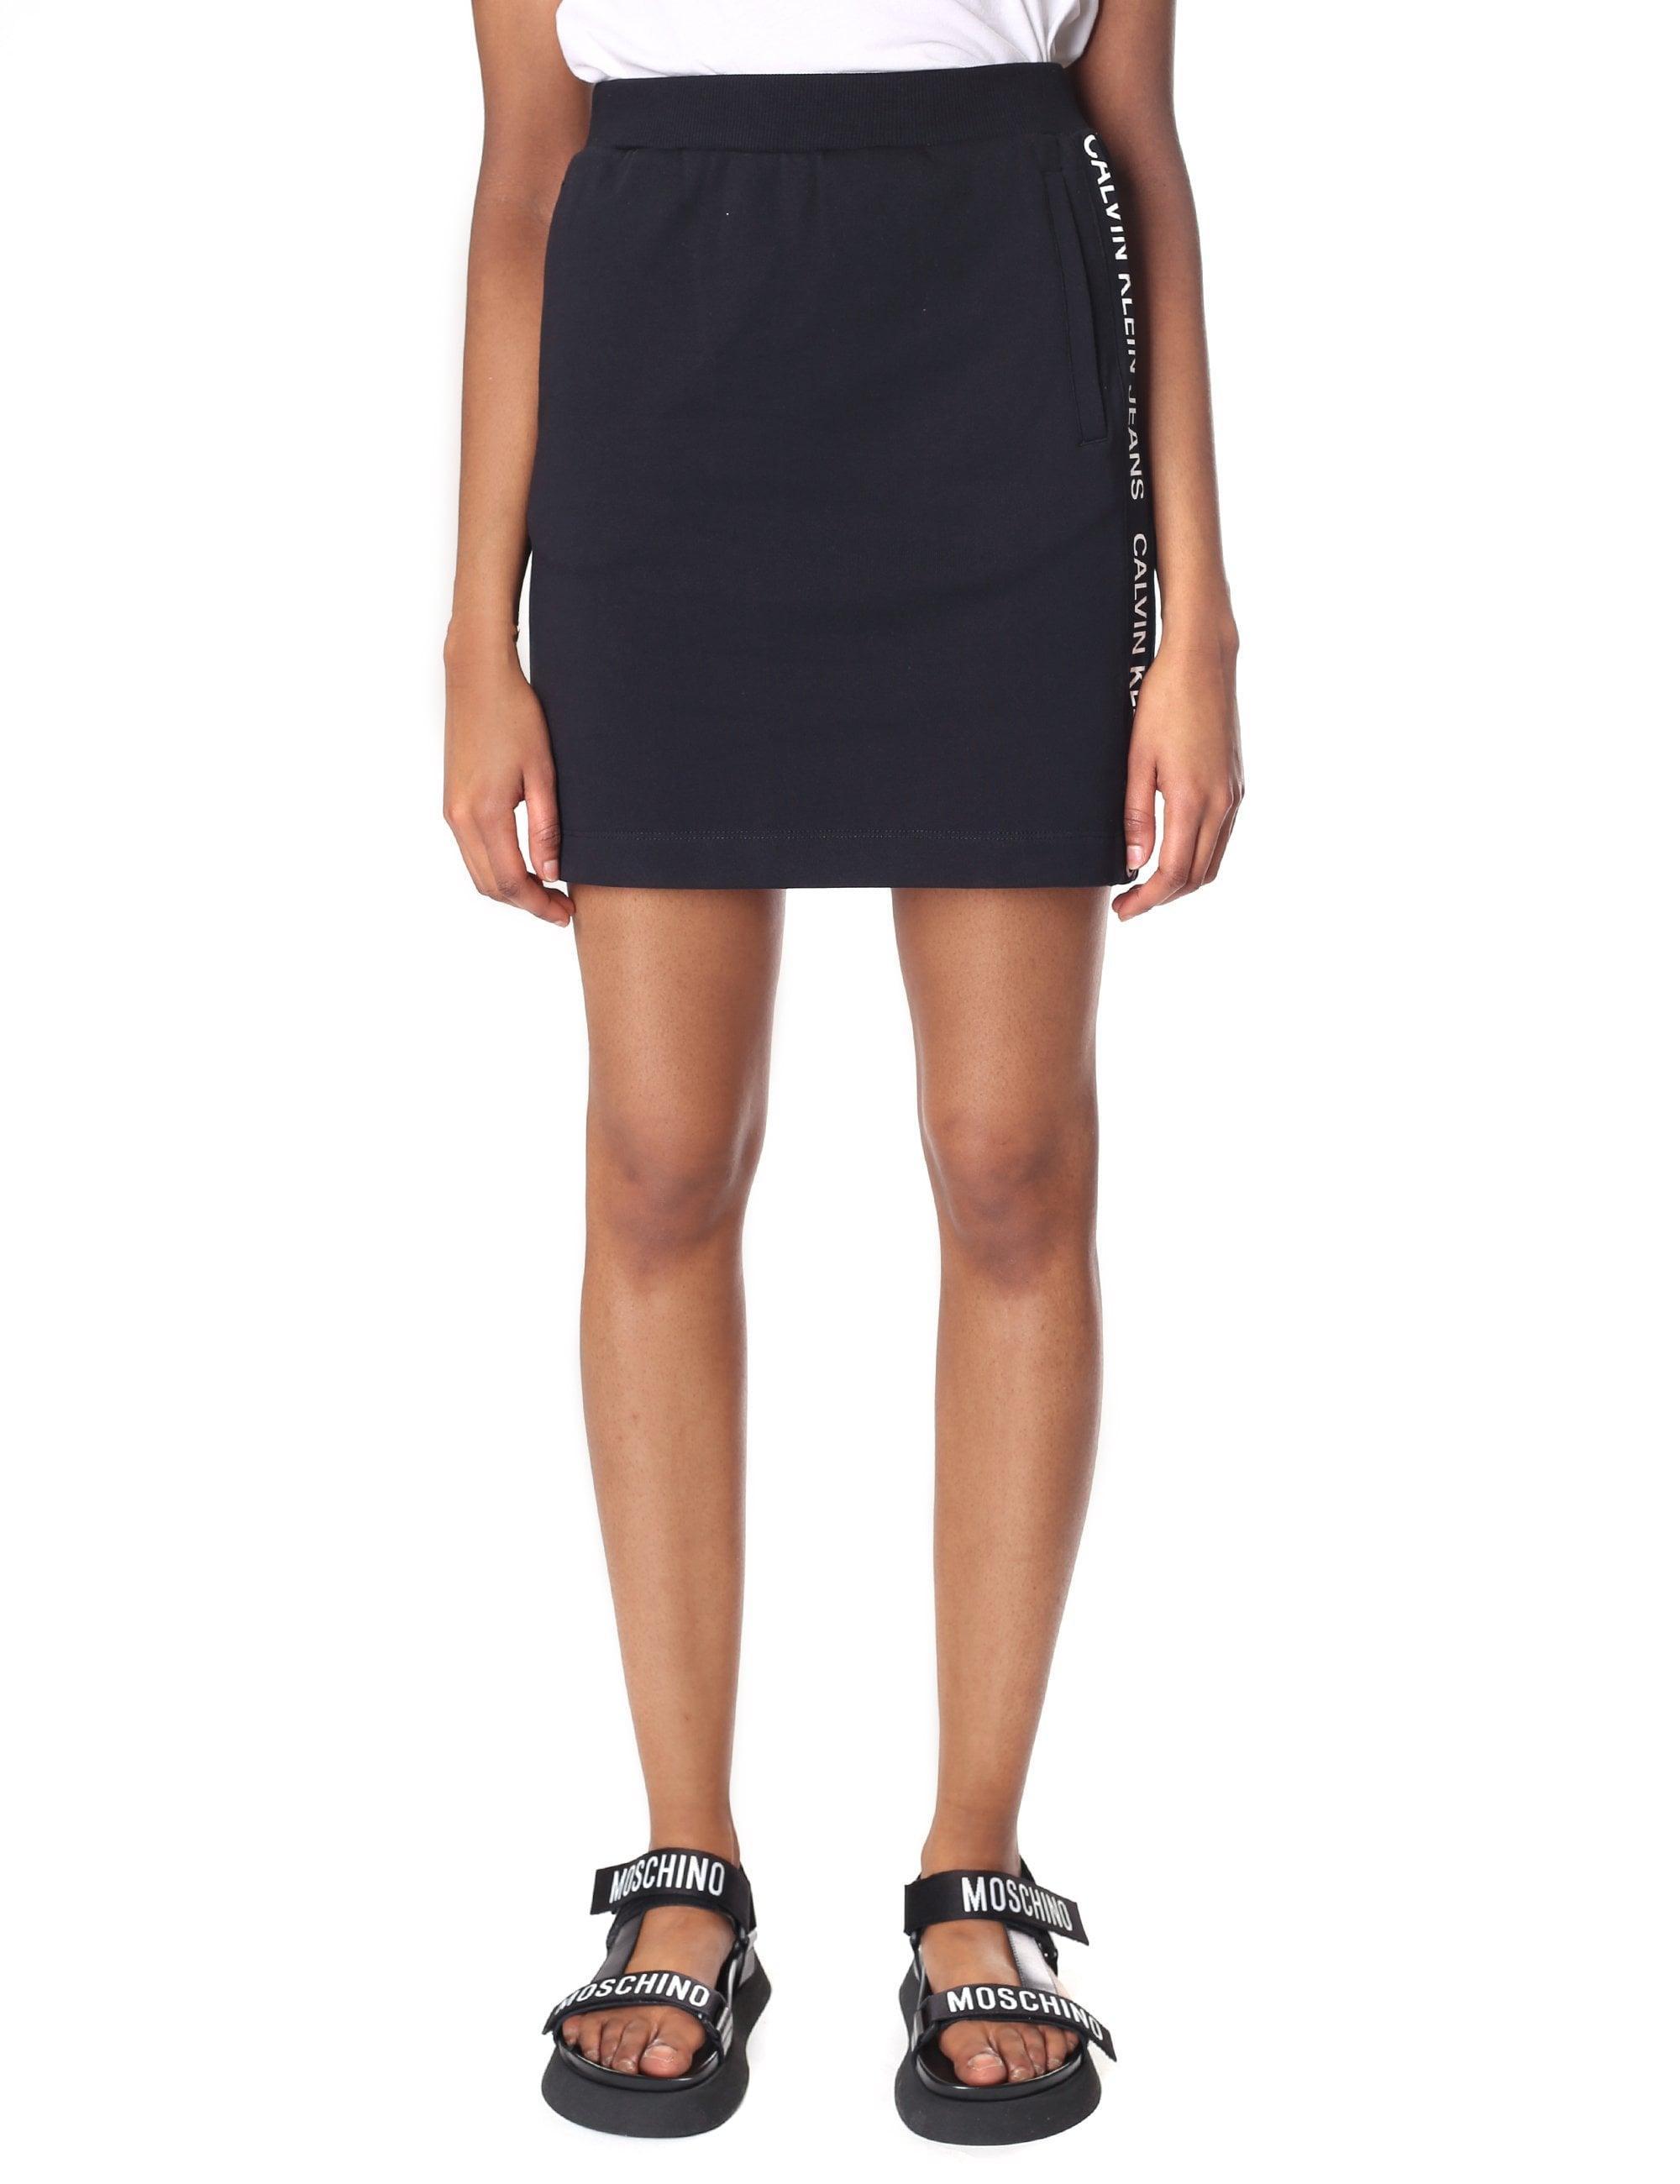 6ba472d677 Calvin Klein Women's Track Side Logo Skirt Ck Black in Black - Lyst